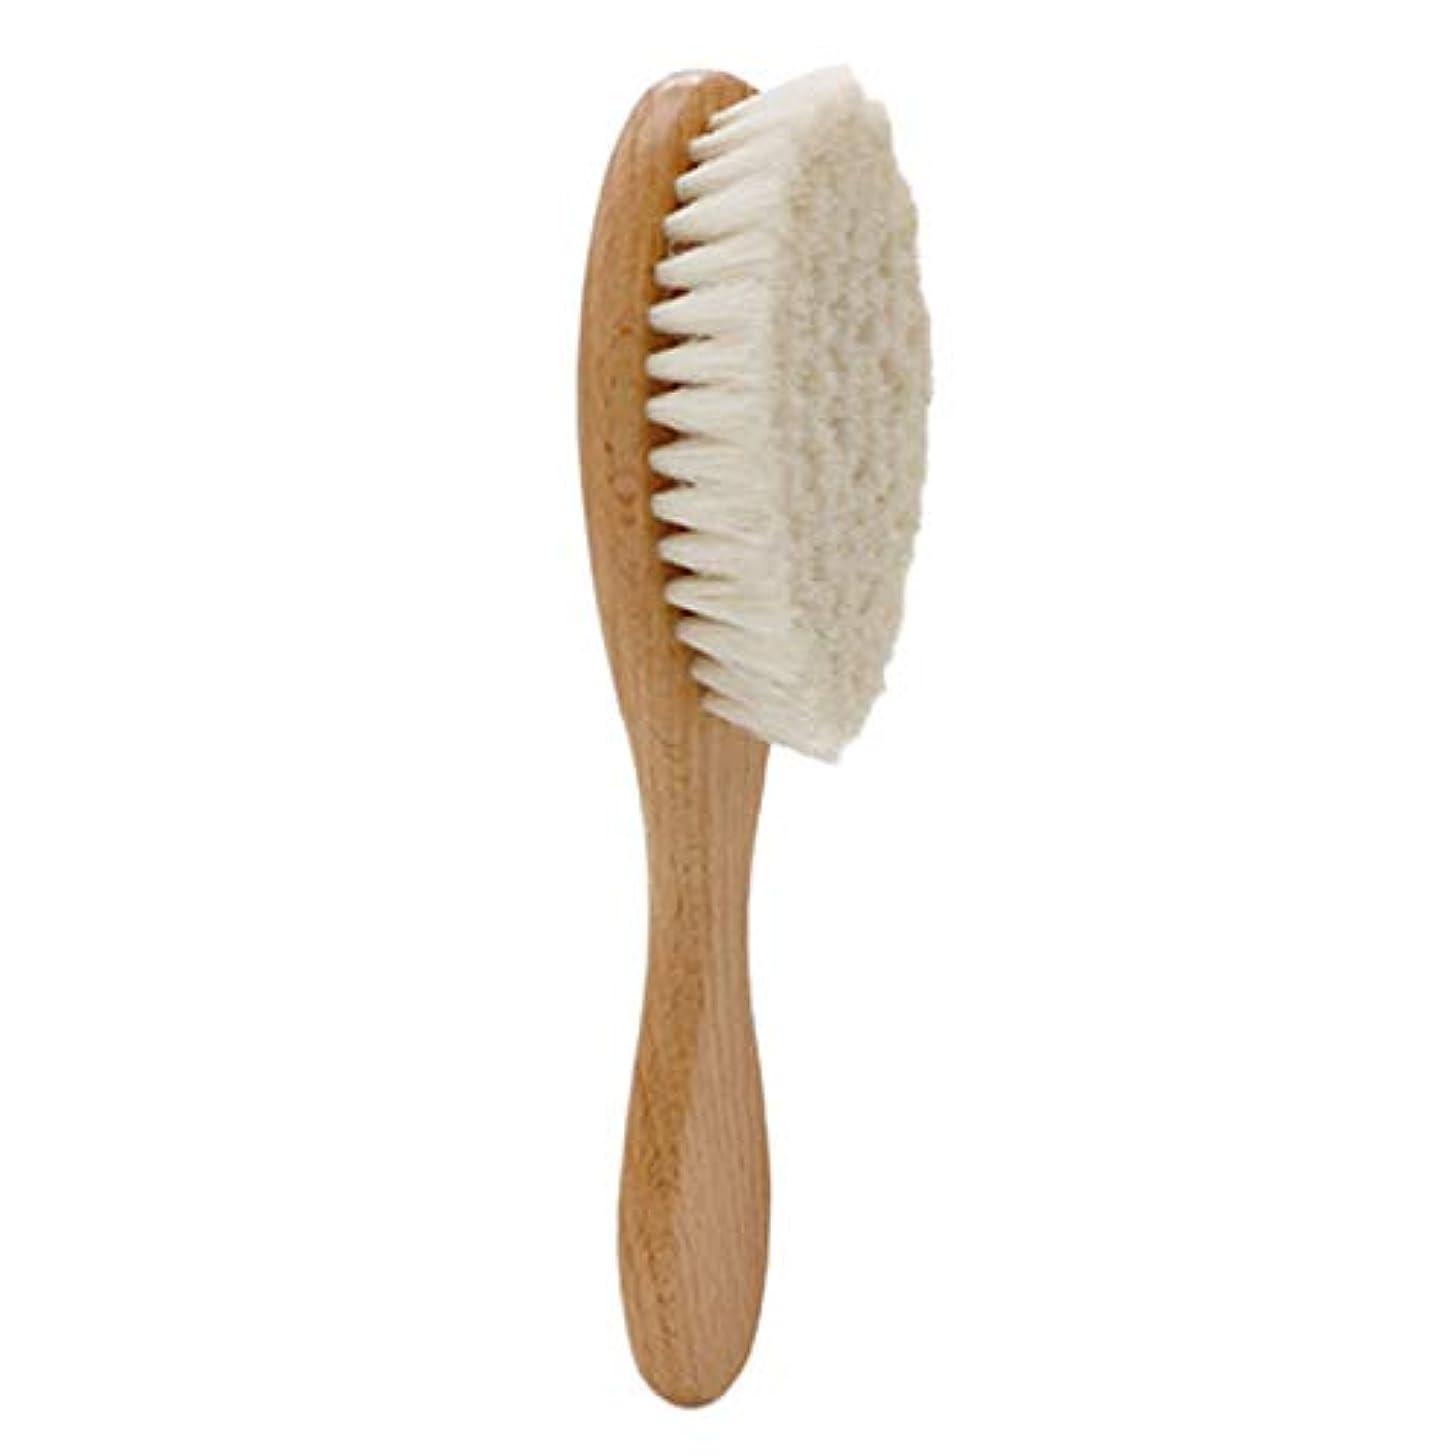 表面と闘う各SODIAL 木製ハンドル理髪ソフトファイバーブラシ床屋首ダスタークリーニング削除ブラシヘアスタイリングツール